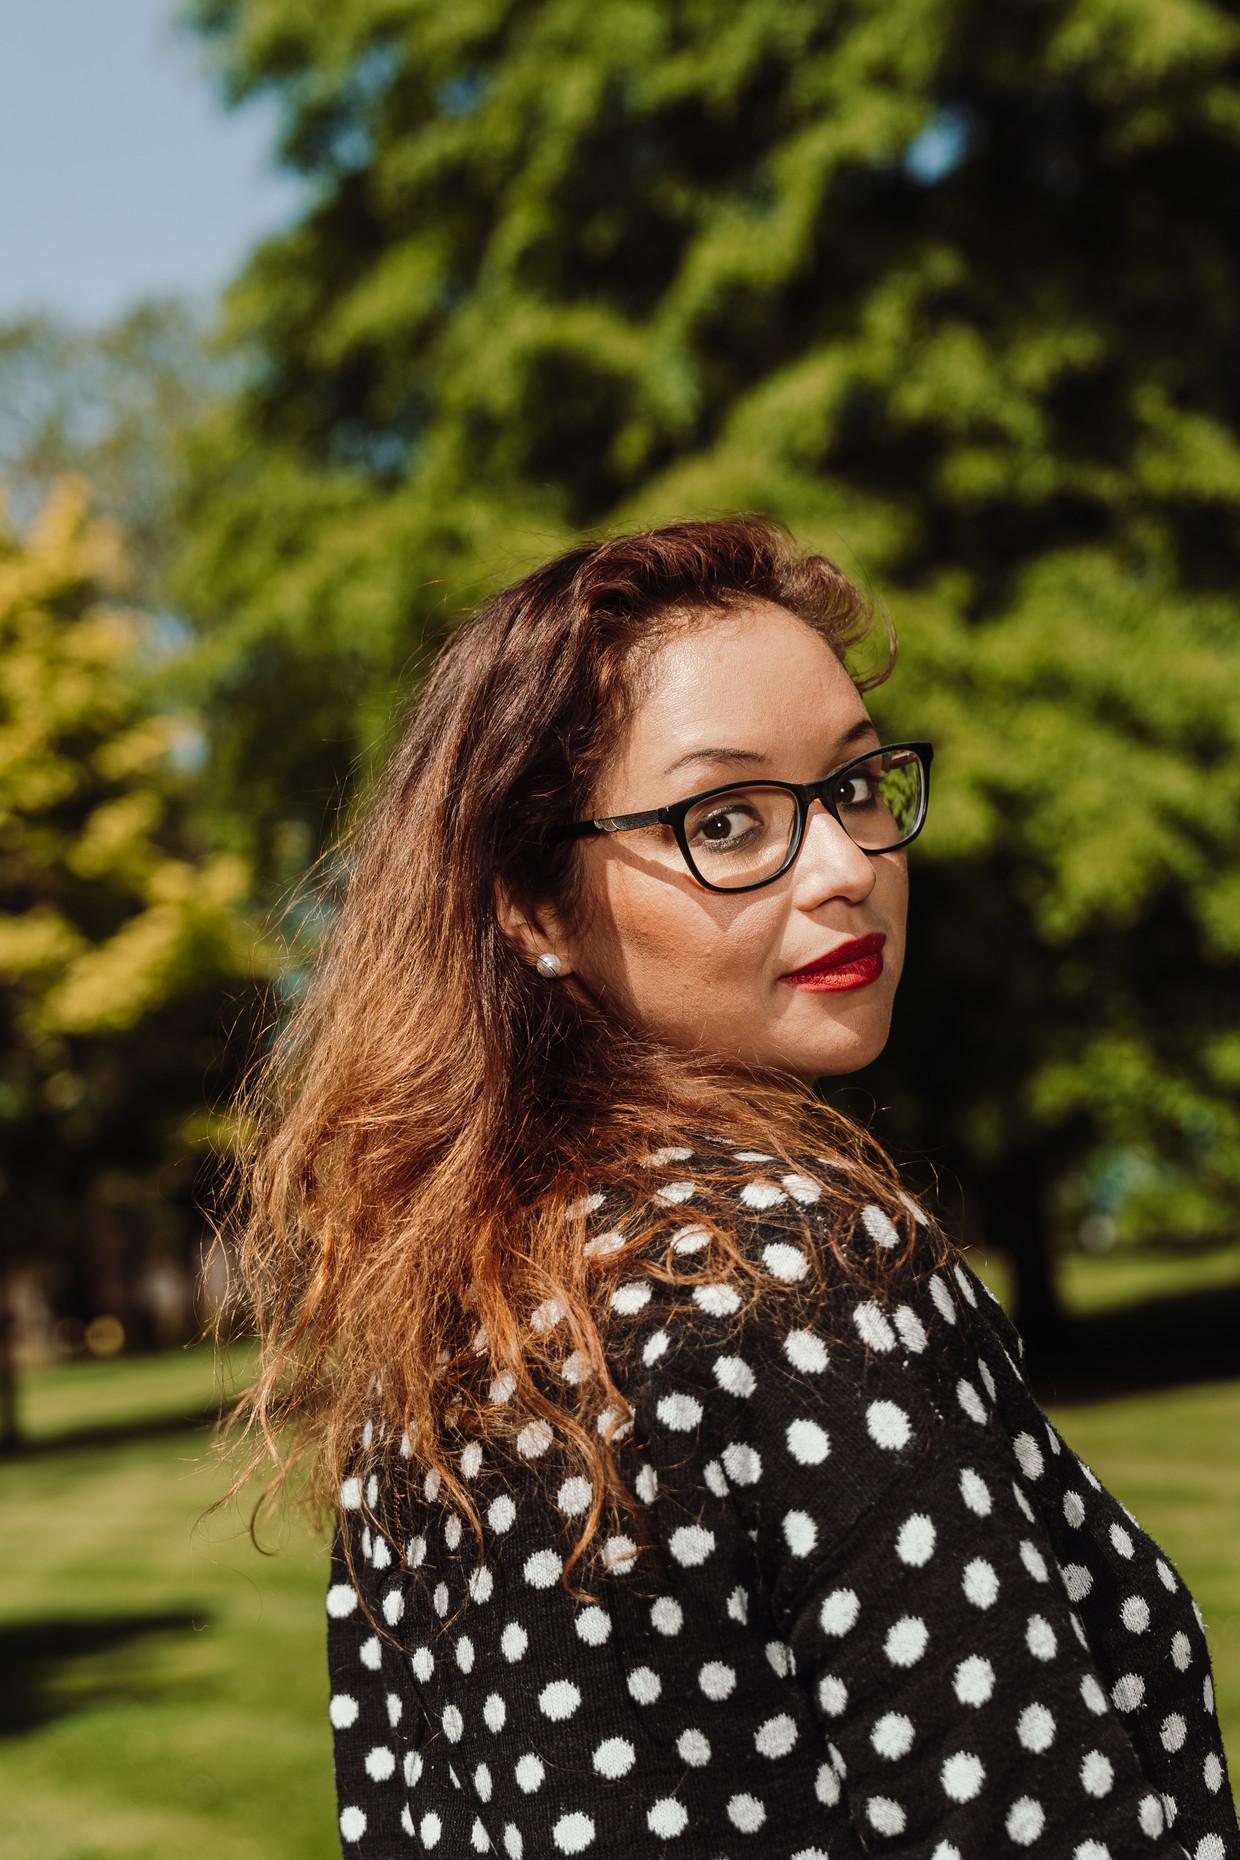 Coline Fanon kwam in 1991 via de vzw Hacer Puente vanuit Guatemala terecht bij een Belgisch gezin. Zij ontdekte onlangs dat haar ouders haar jaren dood hadden gewaand.